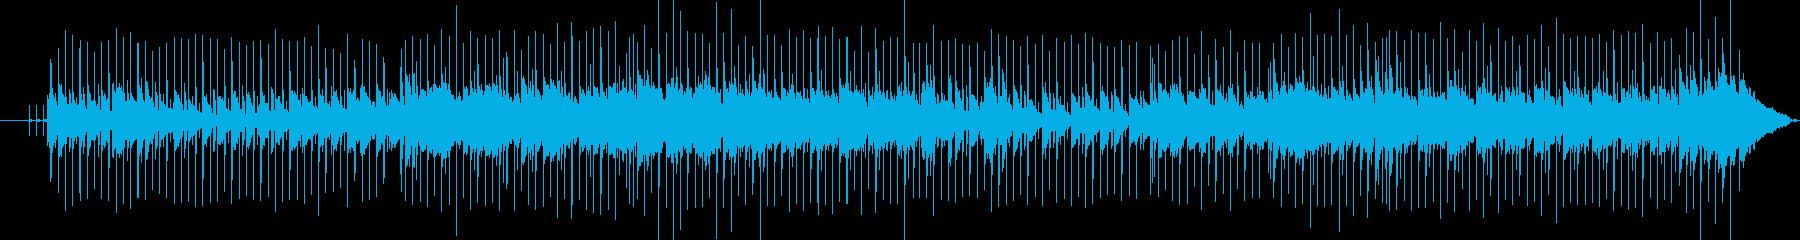 スローポップの再生済みの波形